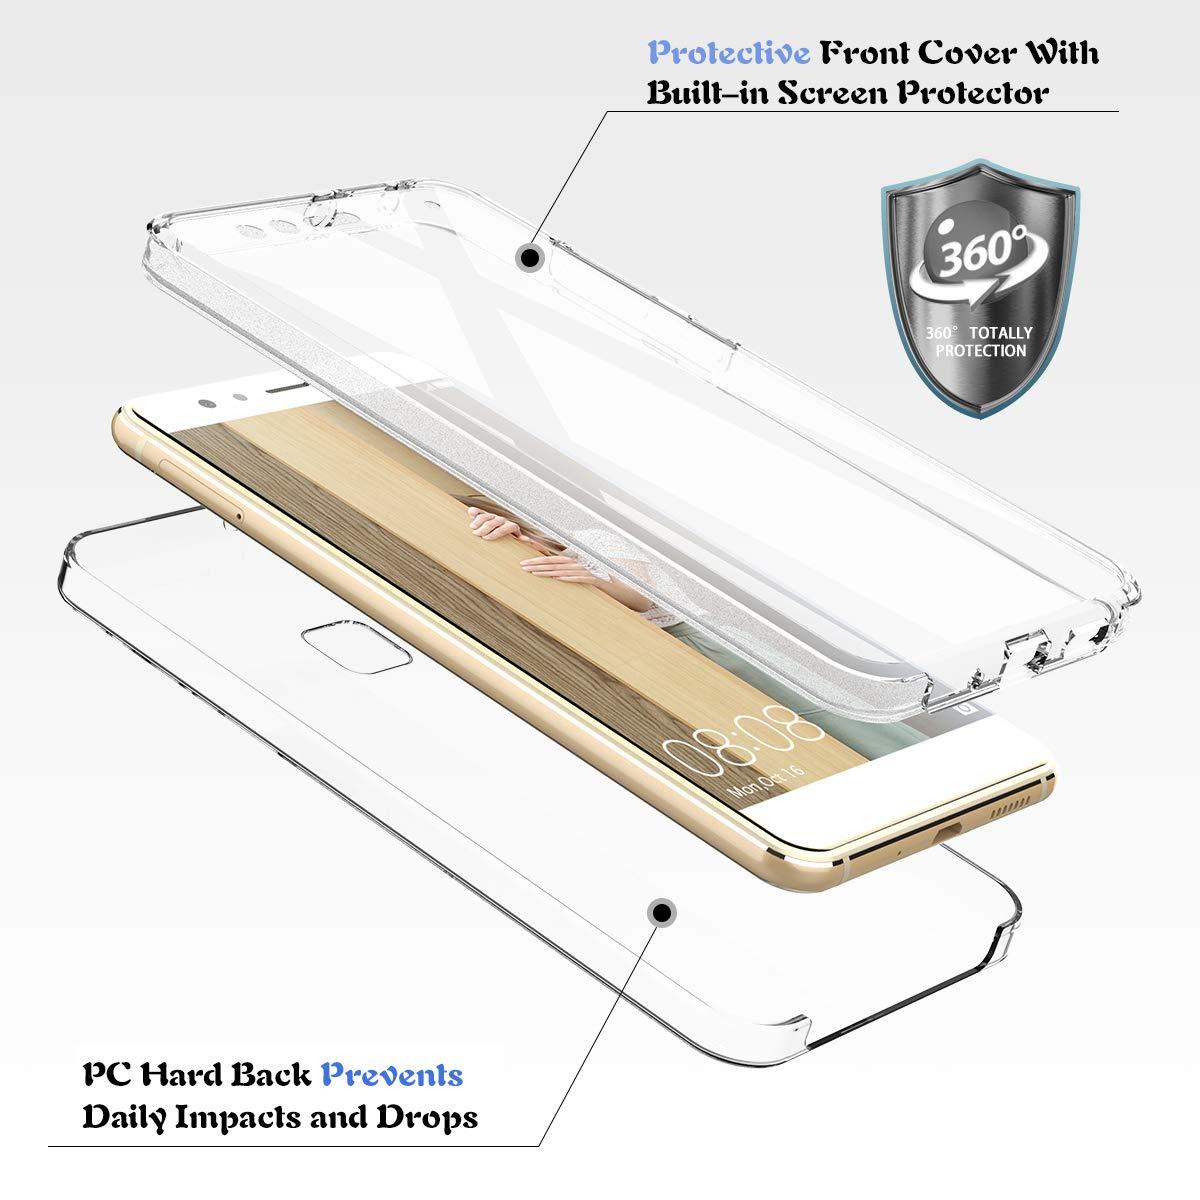 Protecteur d/écran avec Absorption de Anti-Choc Cover Winhoo pour Coque Huawei P Smart 2019 360 Degr/és Gel Silicone TPU Souple Housse Etui de Protection Transparente